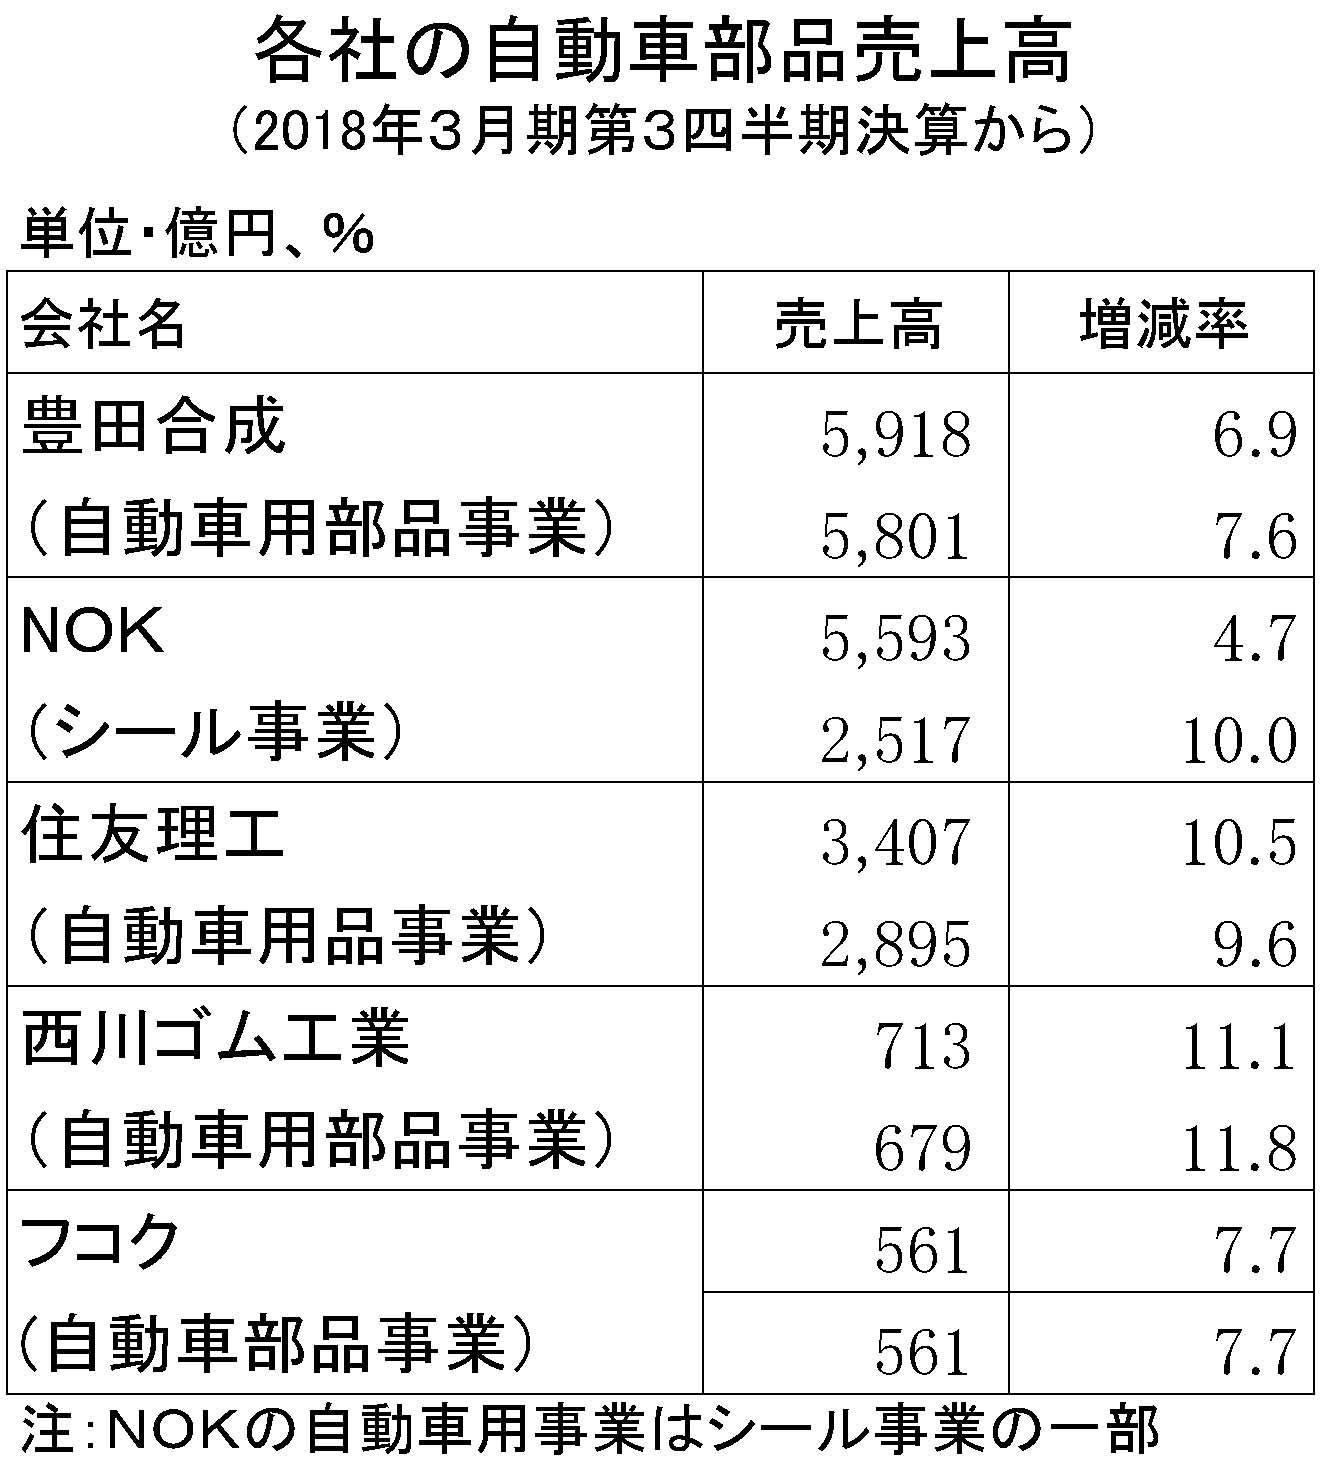 2018年3月期第3四半期 自動車部品売上高